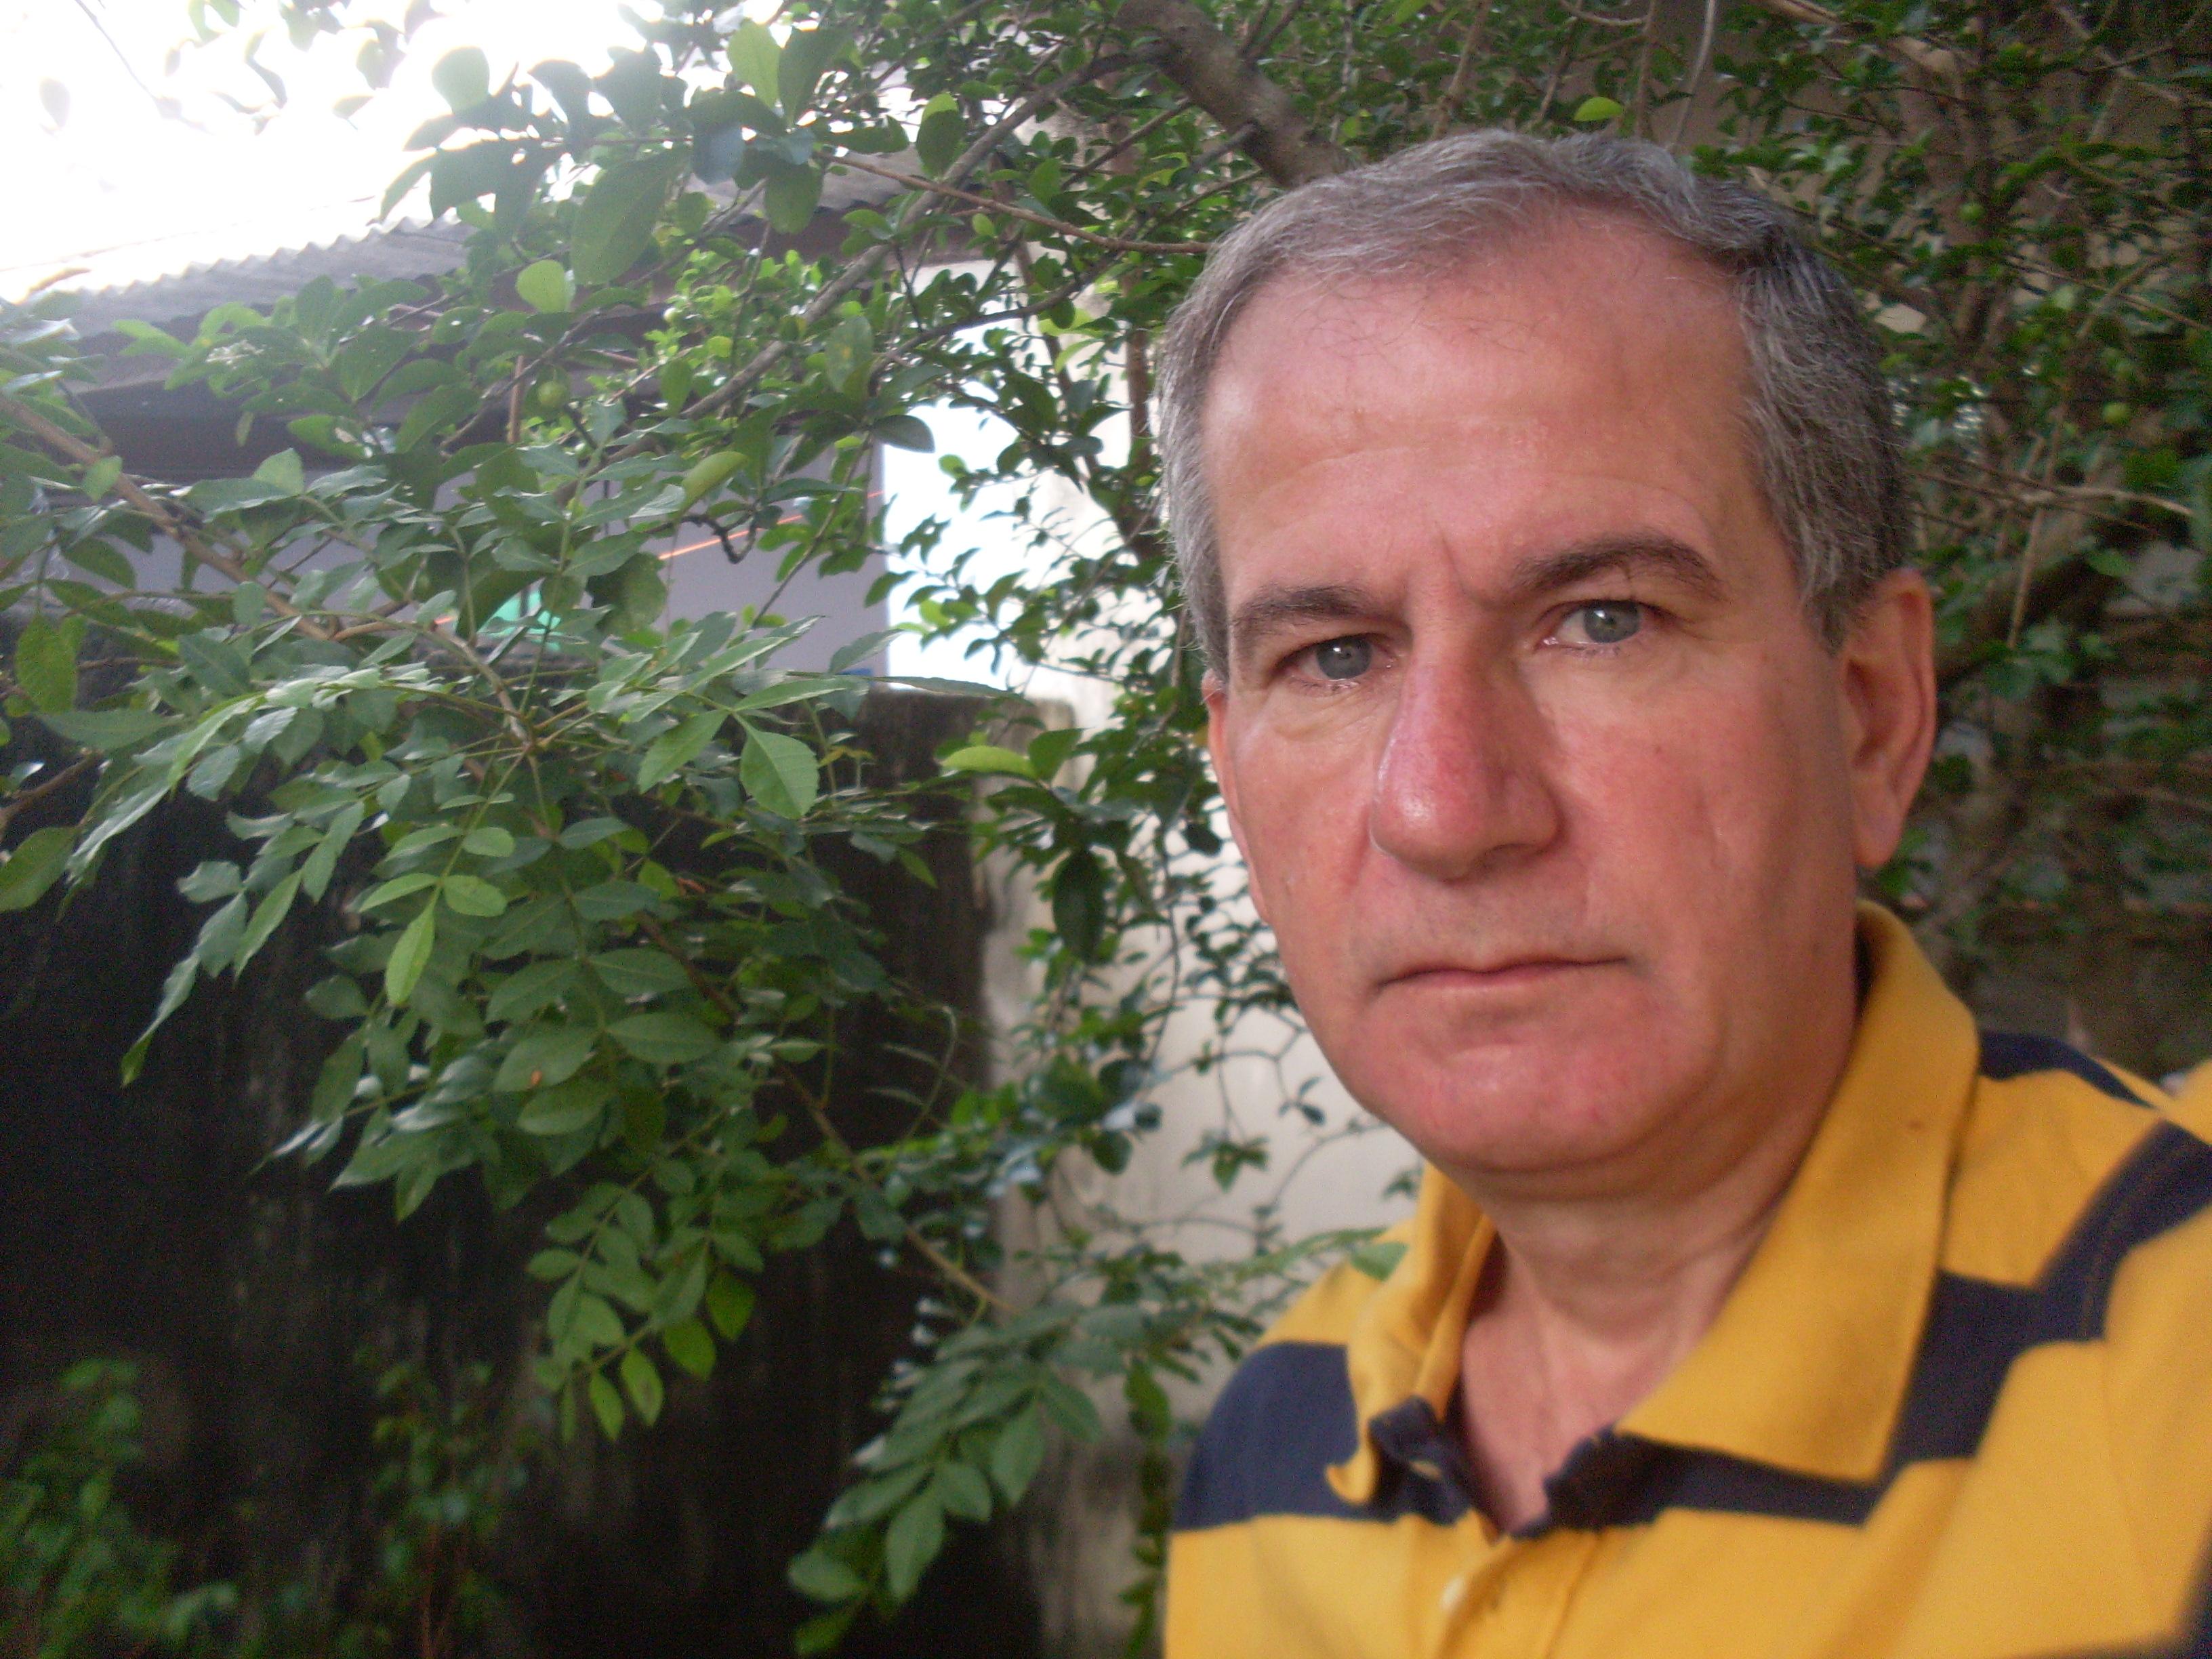 Vito Antonio Fazzani